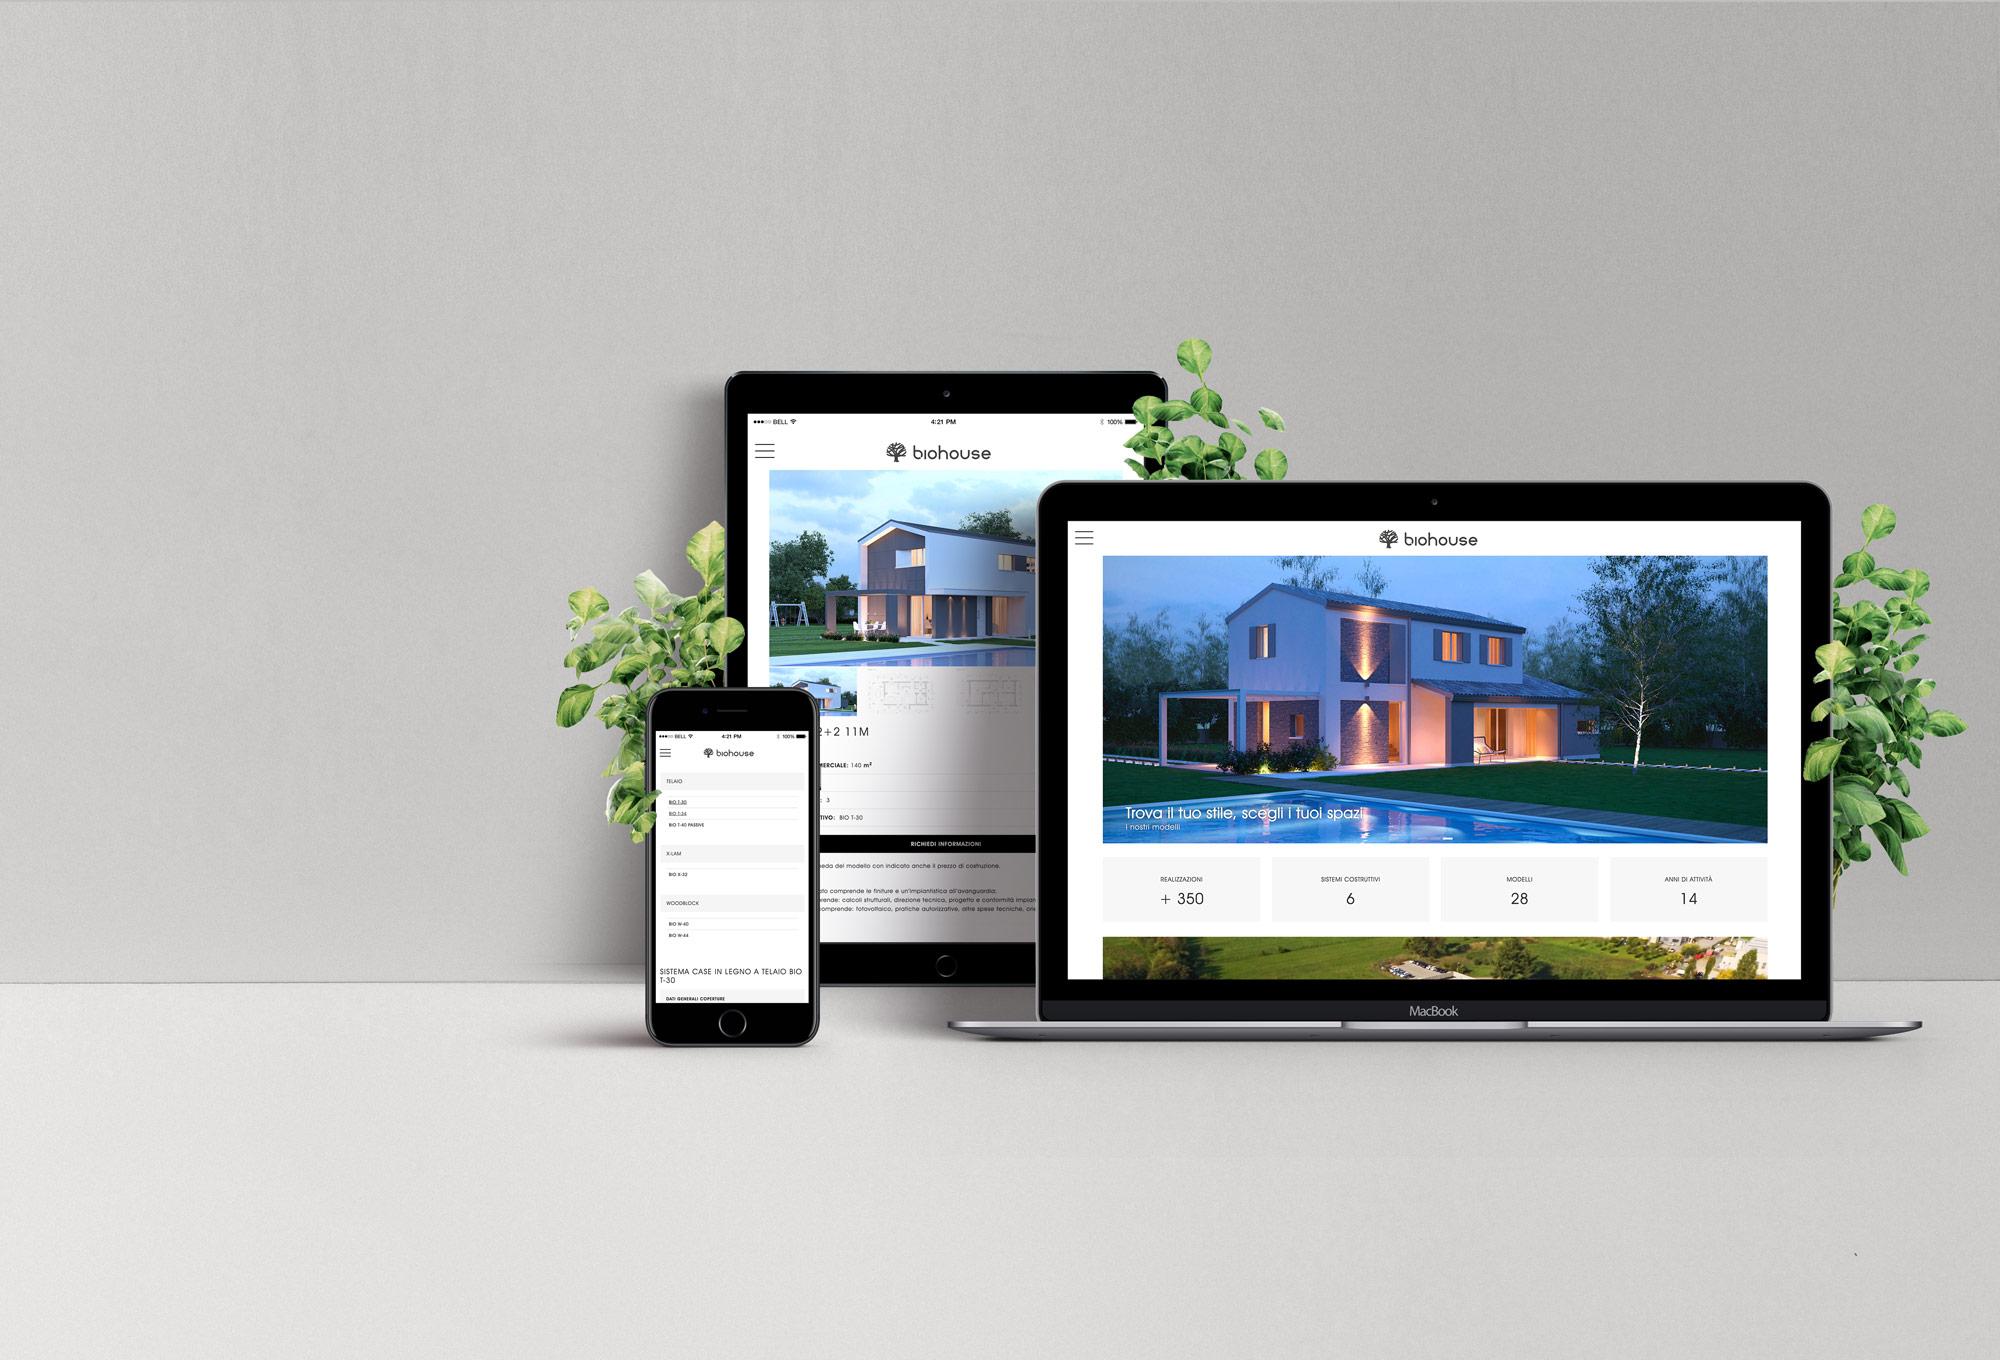 Sviluppo-sito-web-azienda-bio-edilizia